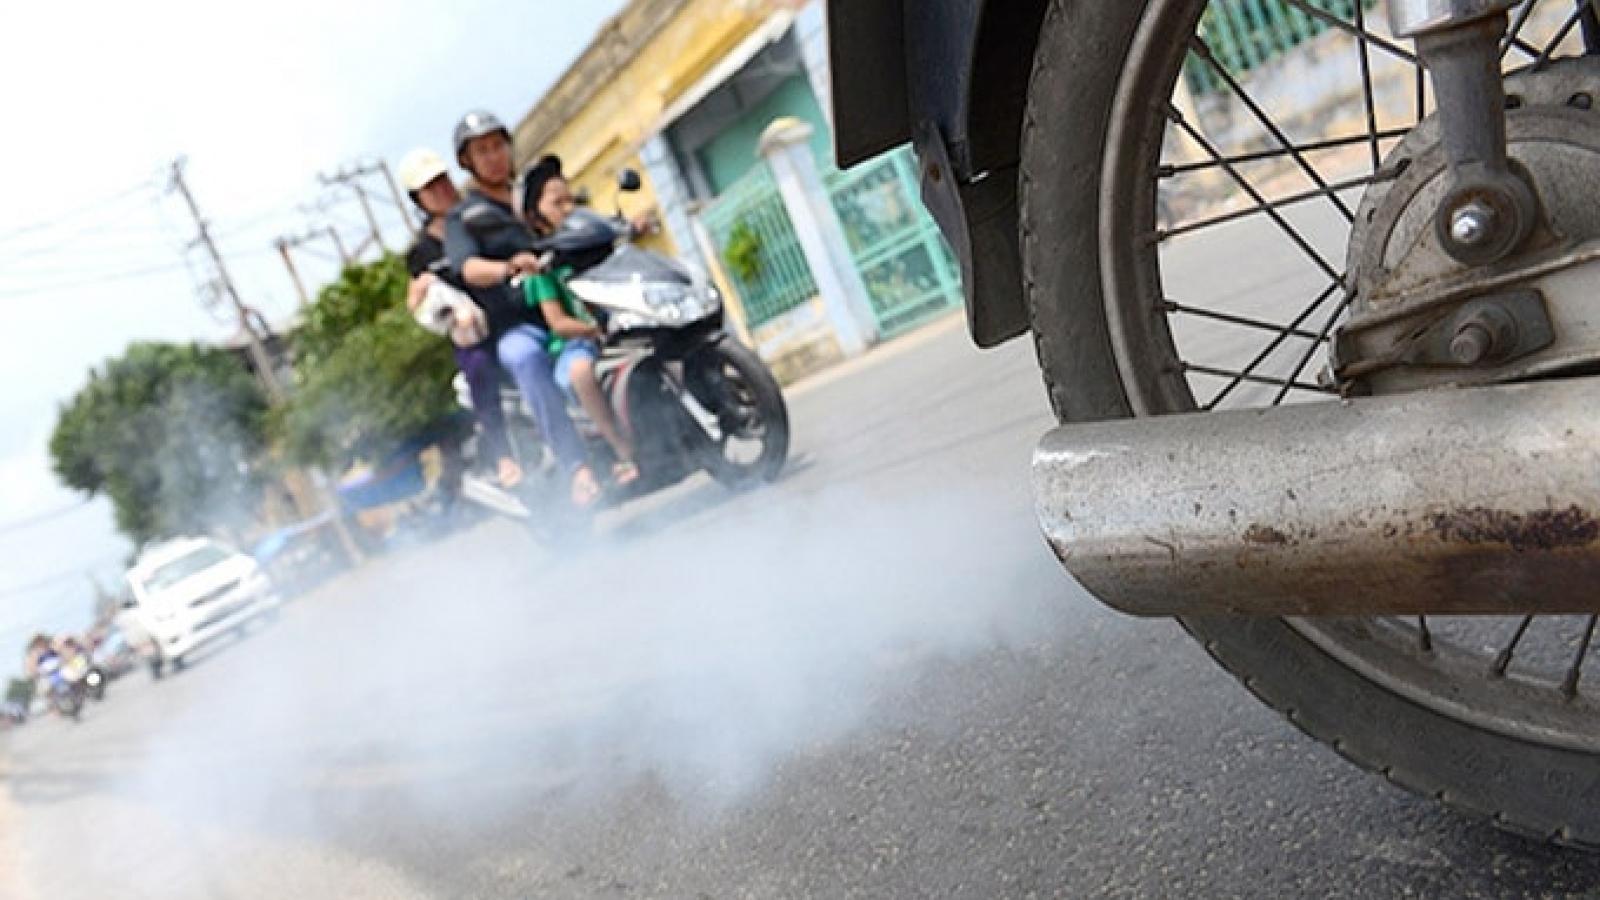 Đề xuất kiểm soát khí thải xe máy: Làm được không?